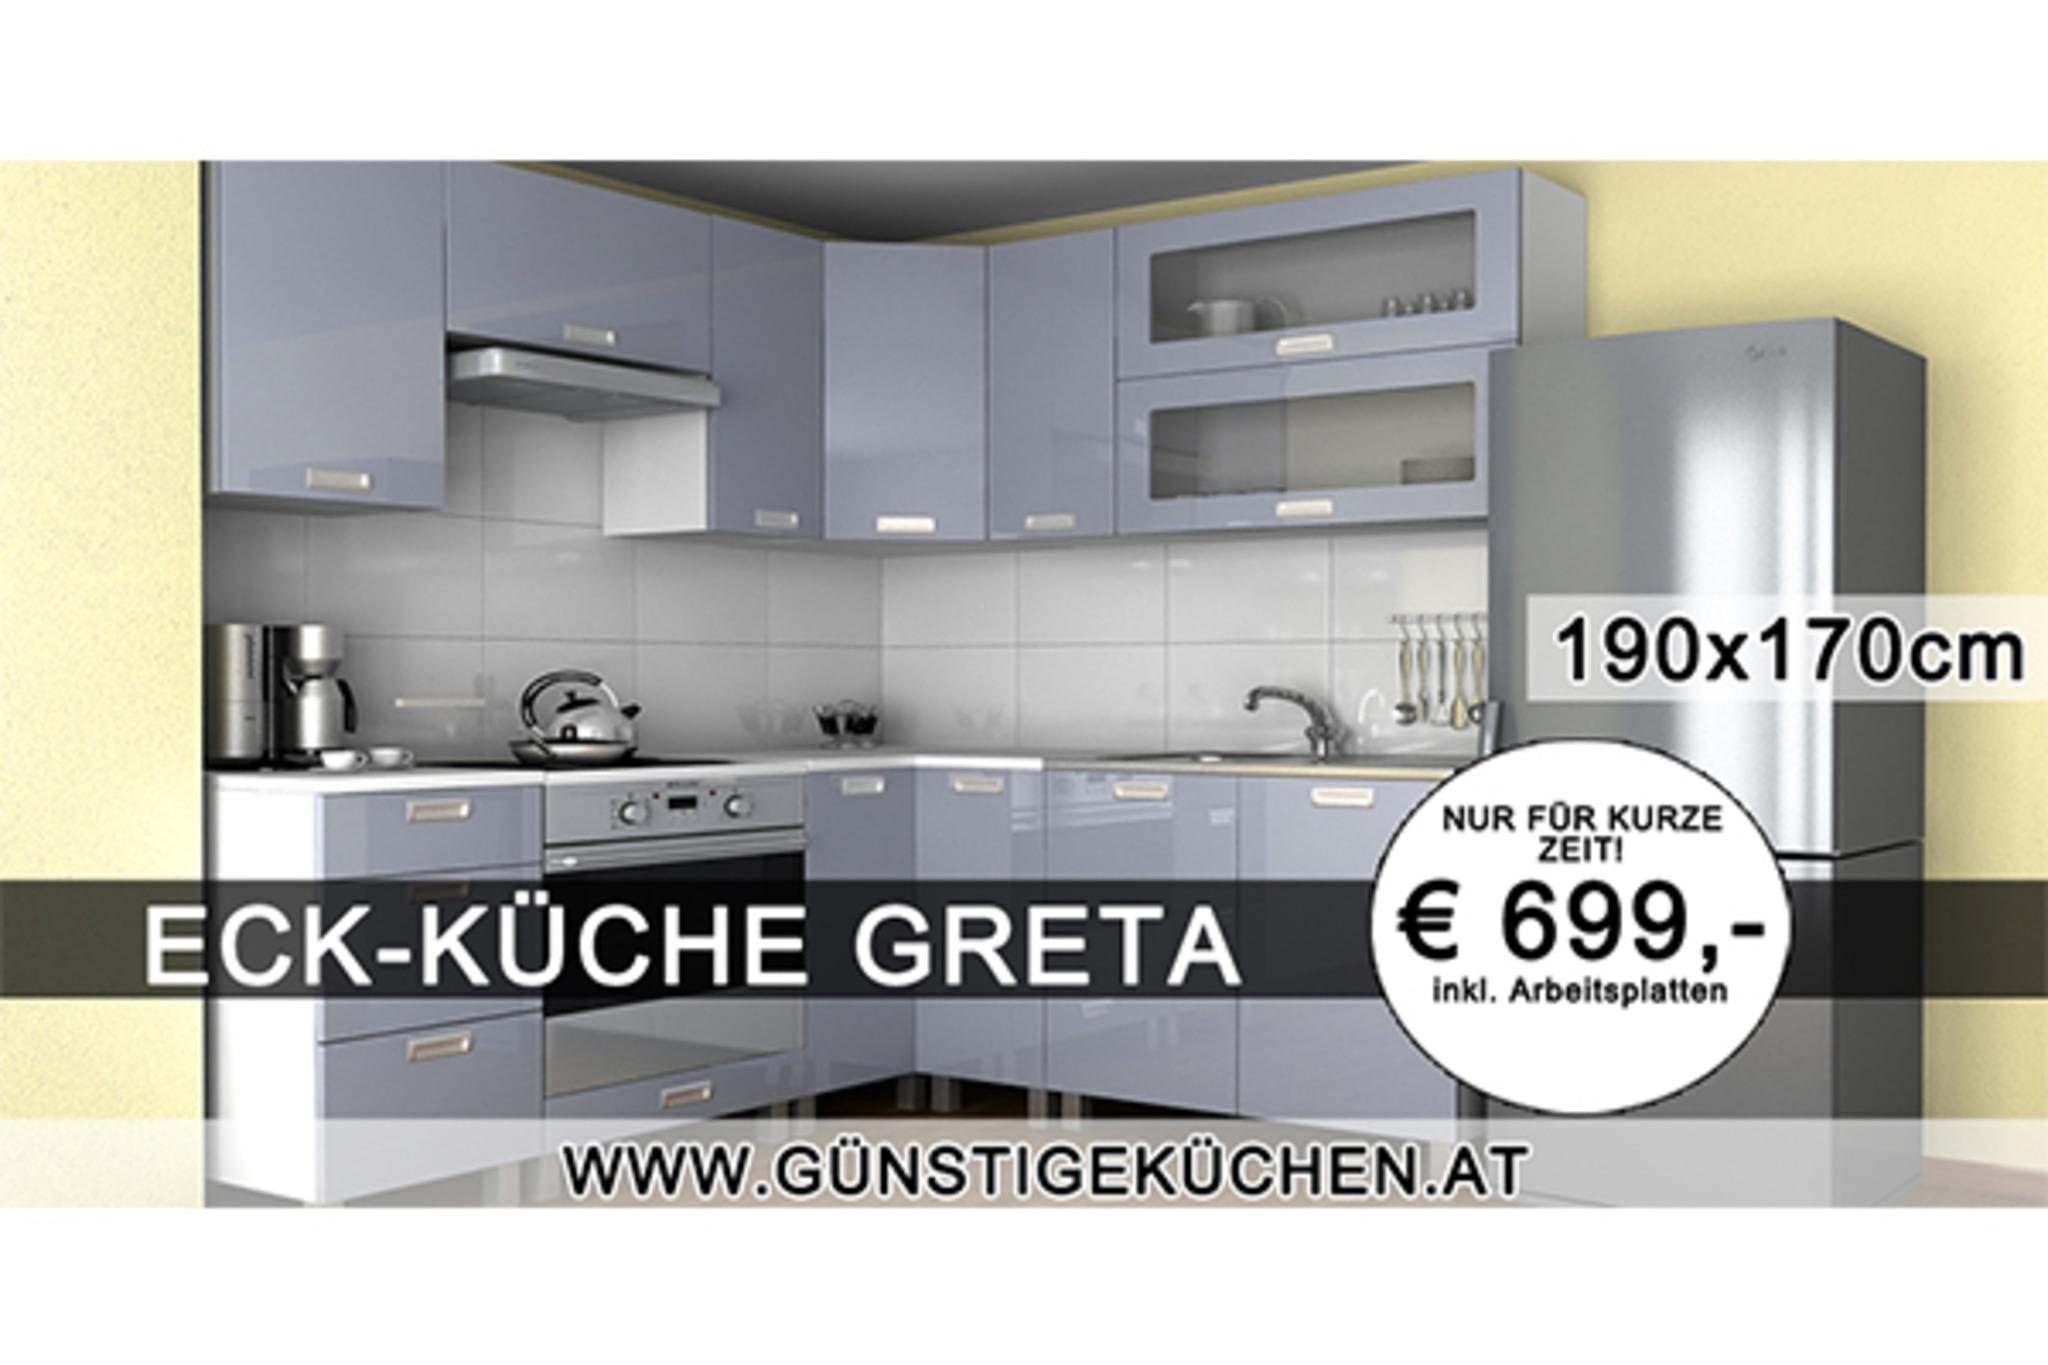 Hochglanz Küchen In 1100 Wien Favoriten: Topmoderne Küchen Zum  Erschwinglichen Preis Bei GünstigeKüchen.at!   Favoriten